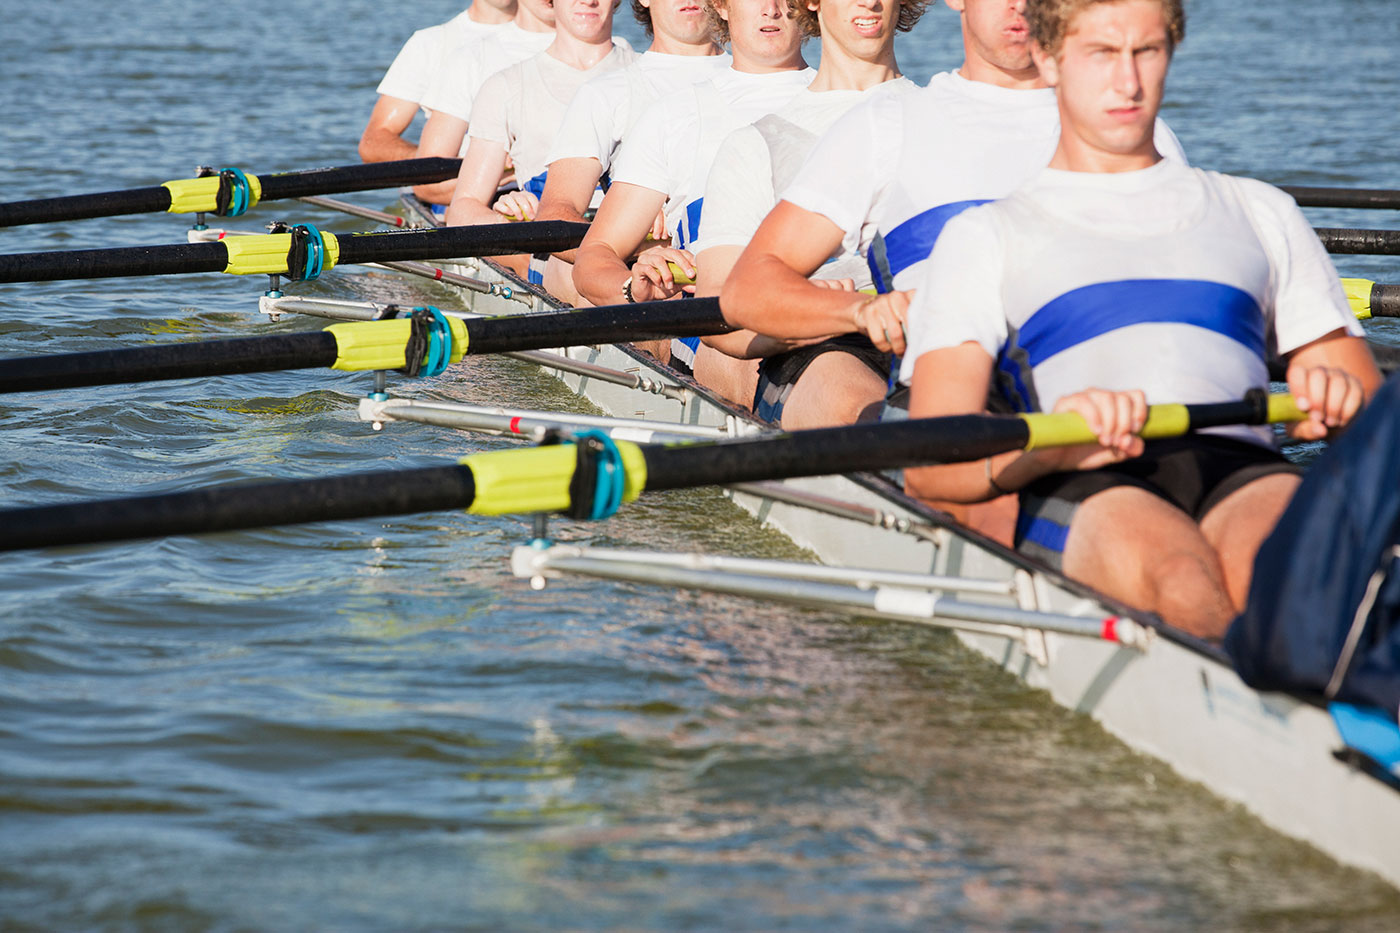 musculoskeletal-rowing-team